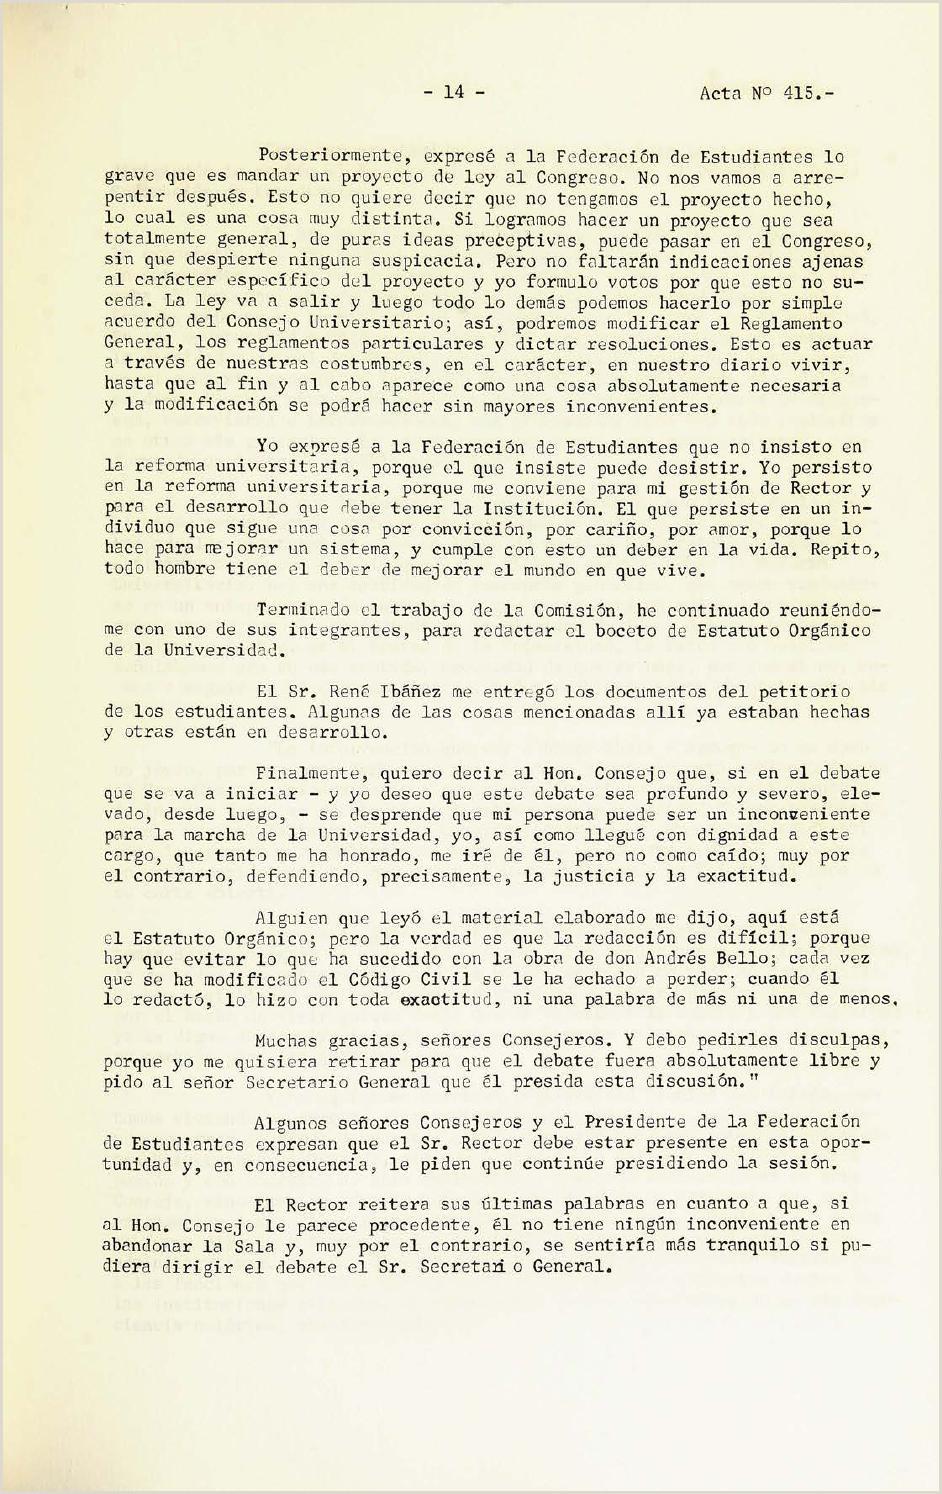 Actas del consejo 405 429 opt parte 2 by Archivo